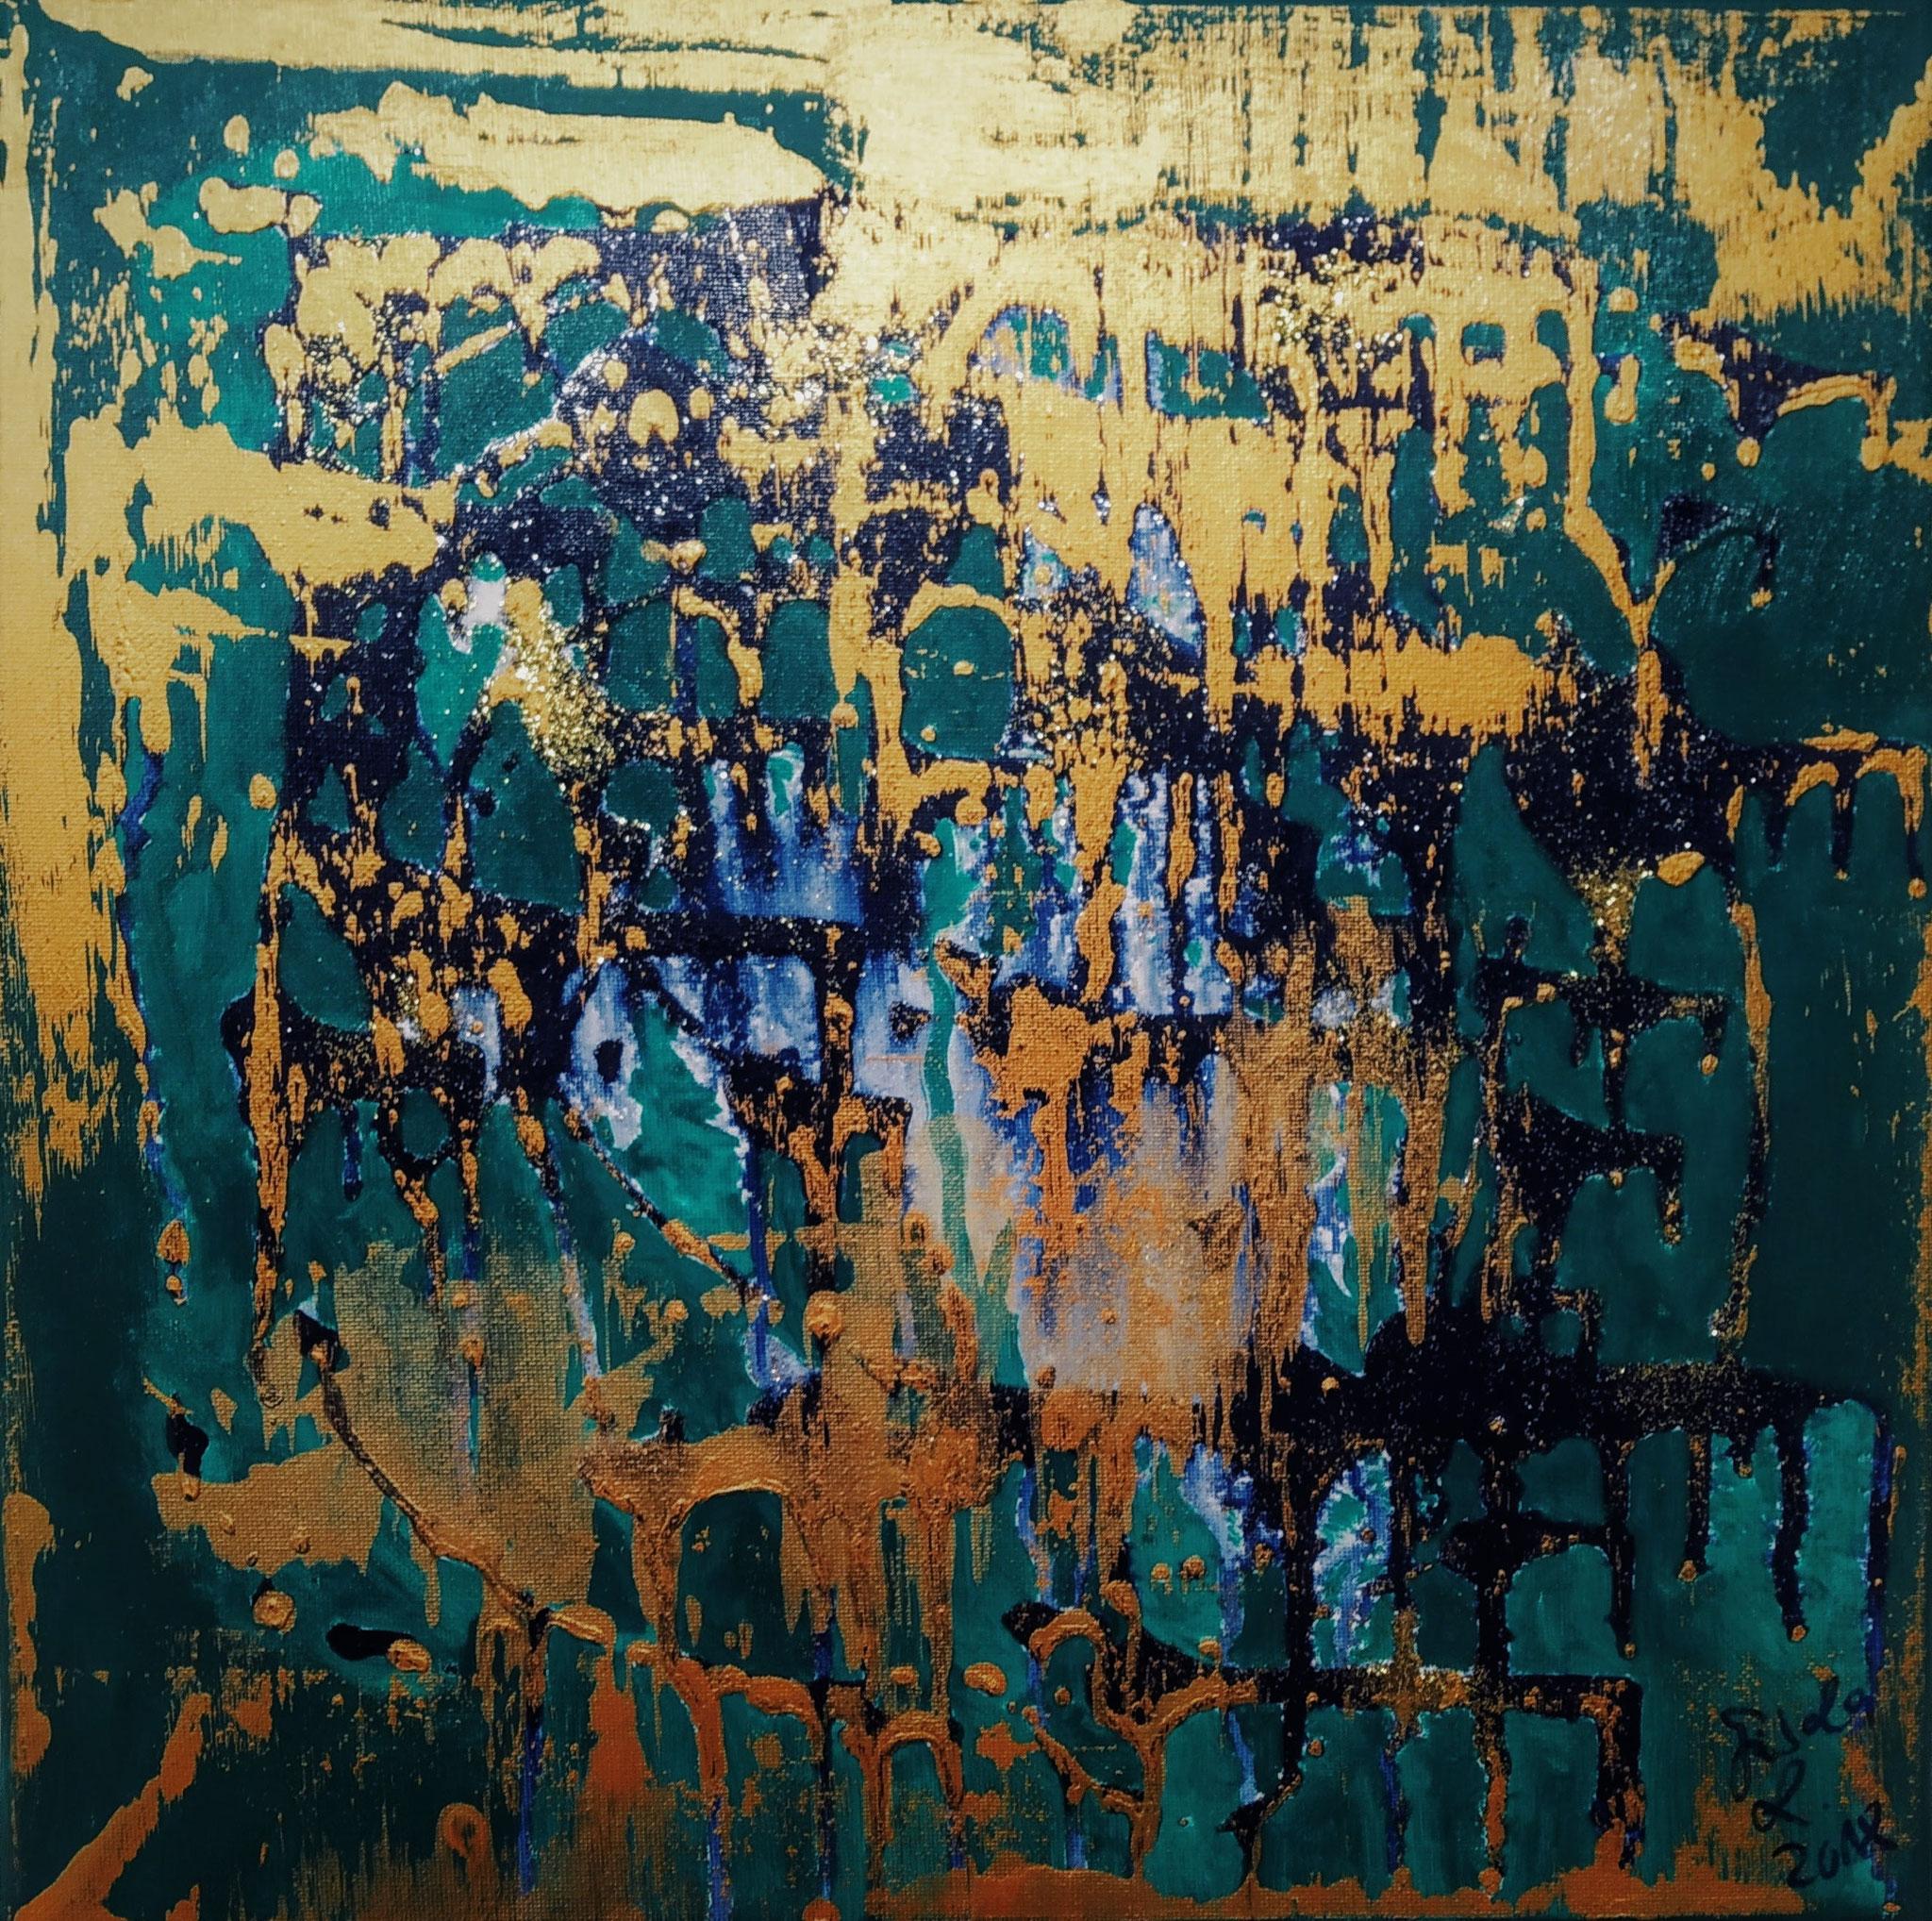 7. Hoffnung, Acryl auf Leinwand, Grösse 40 x 40 cm